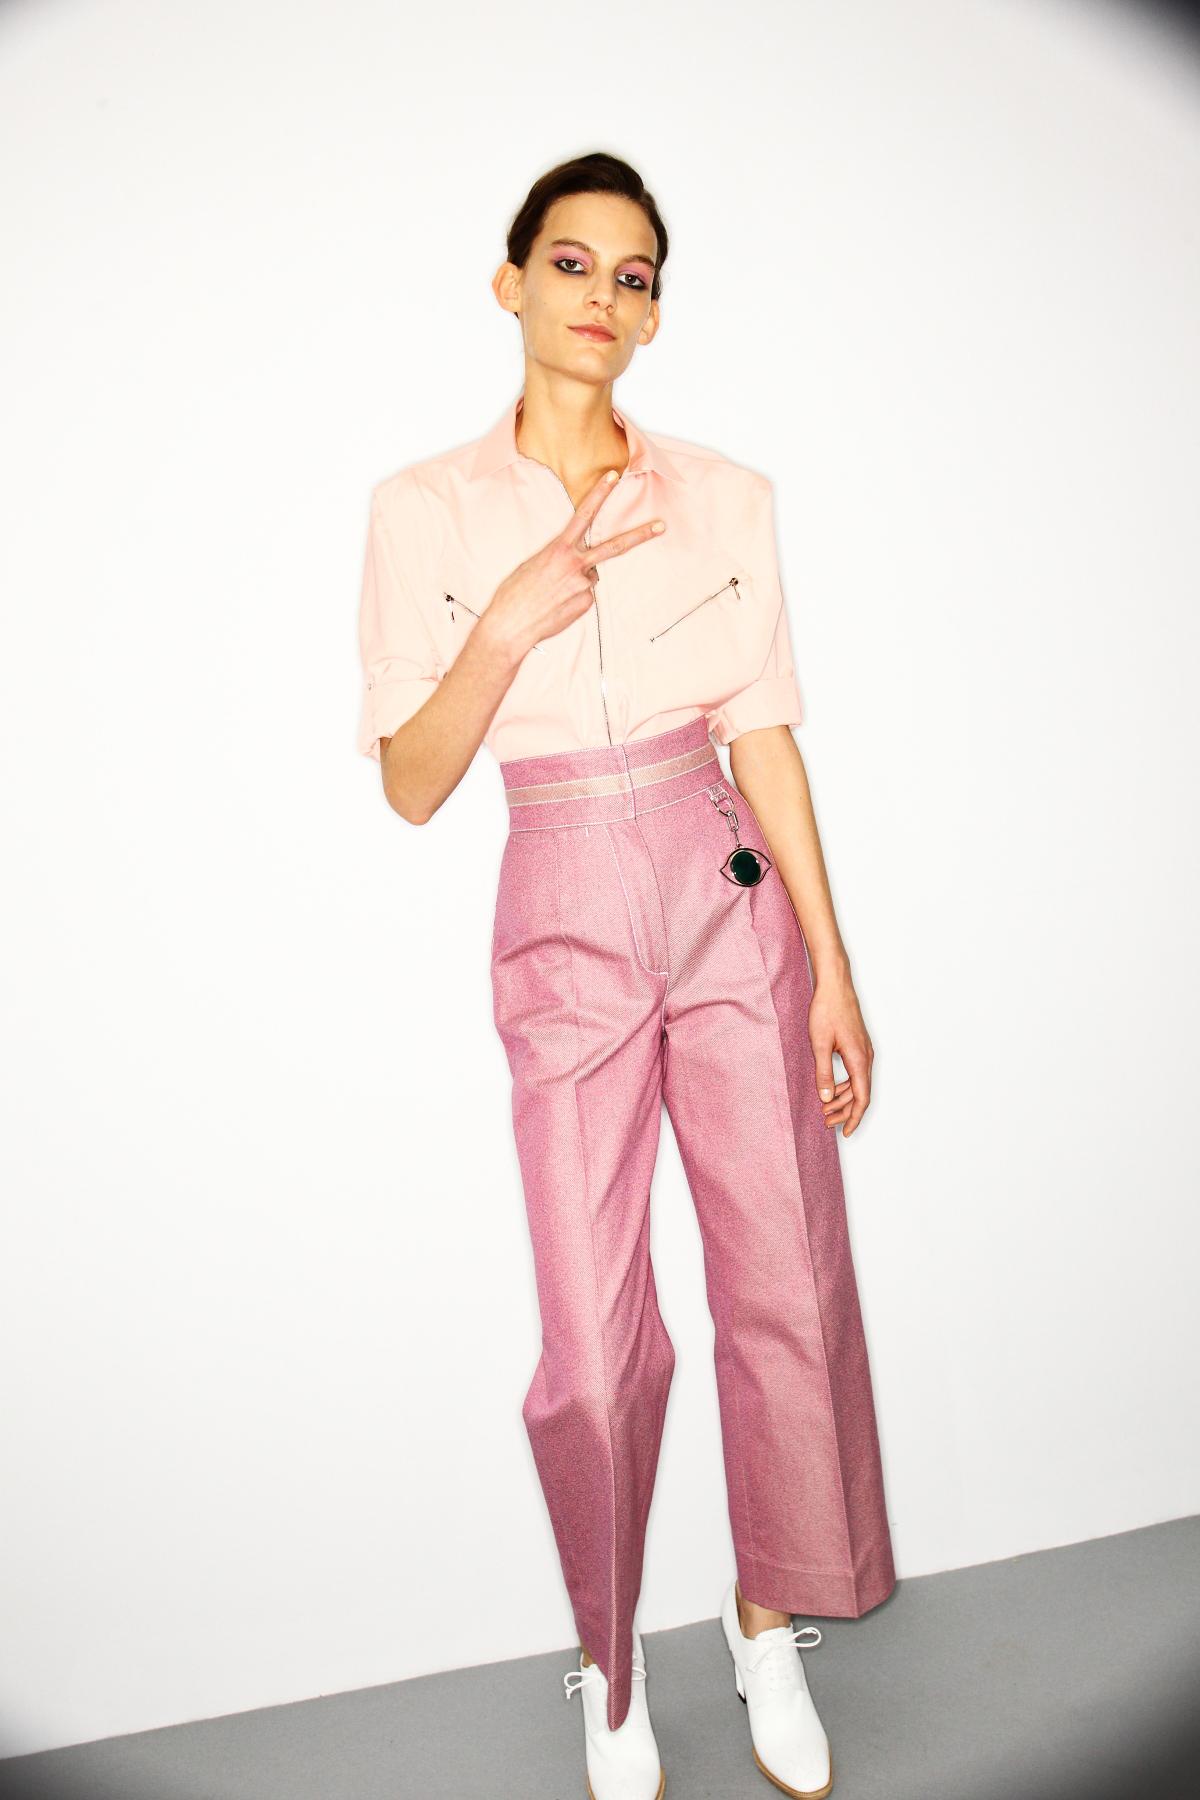 """Hier sieht man ein Mädchen im Backstage Bereich der Hermès Modenschau mit rosa farbenem Lidschatten passend zum Make Up Trend """"Rouge allover""""."""